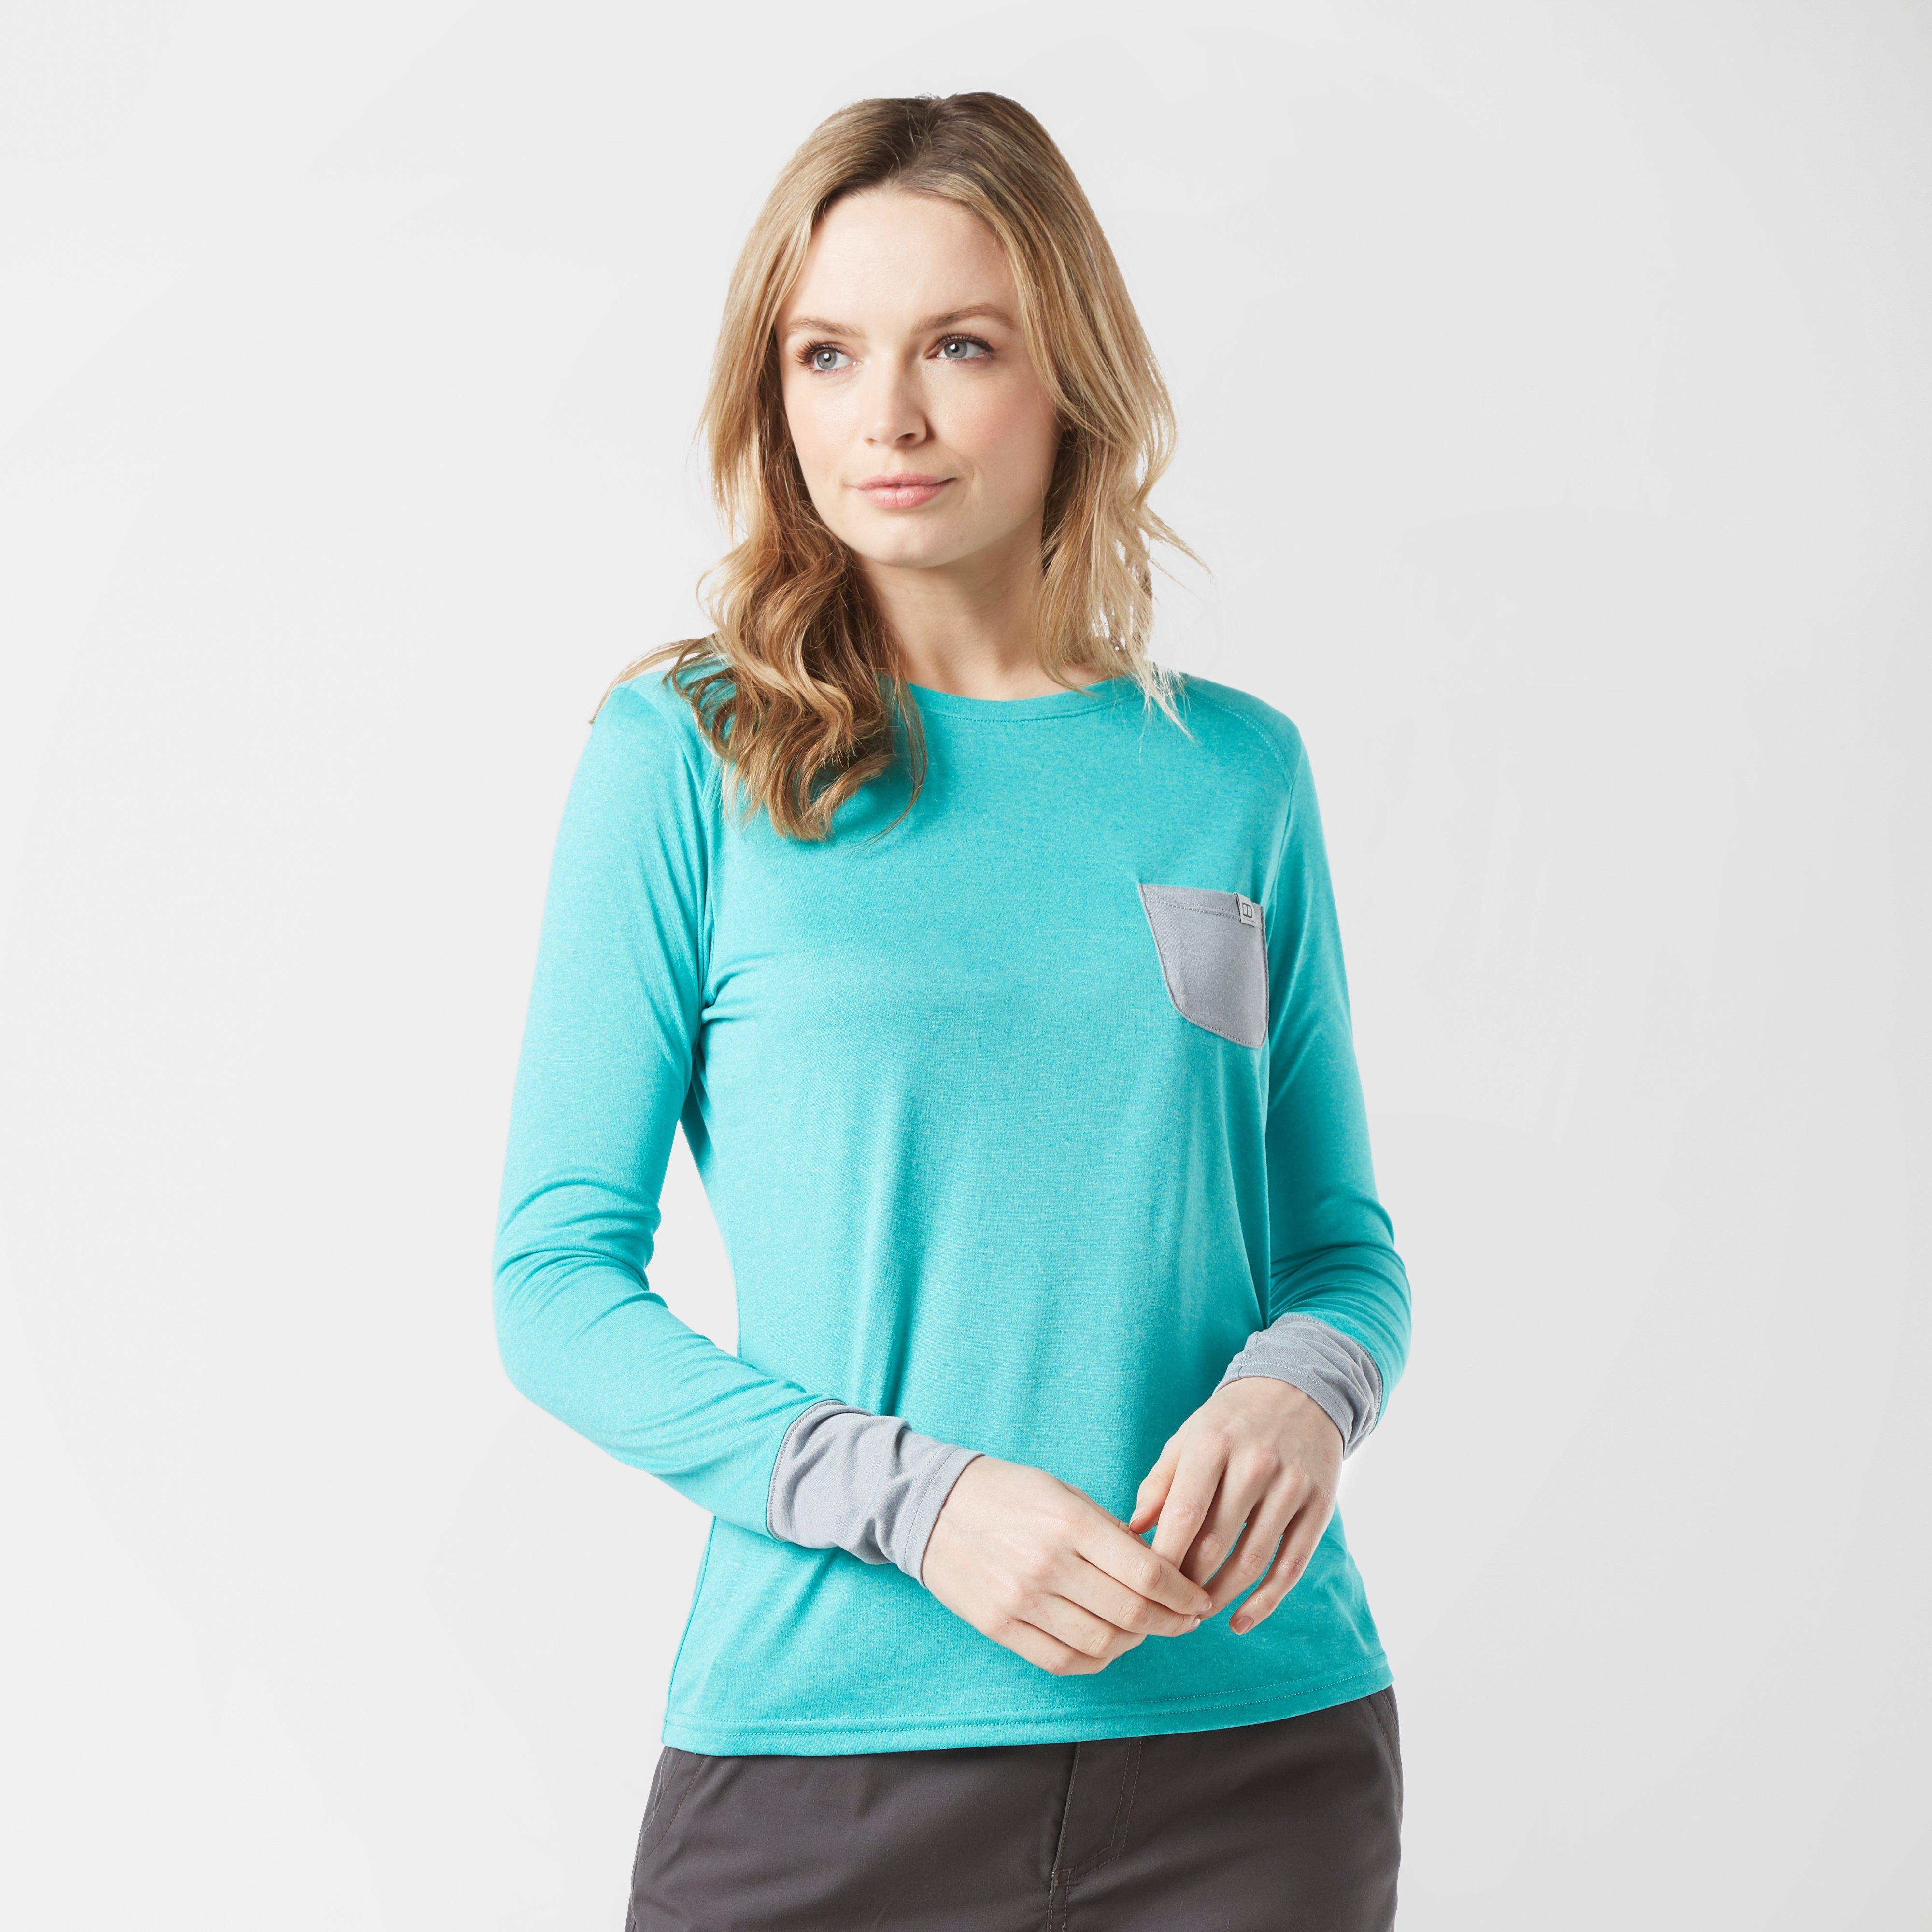 Berghaus Womens Explorer Tech Long Sleeve T-shirt - Blue  Blue